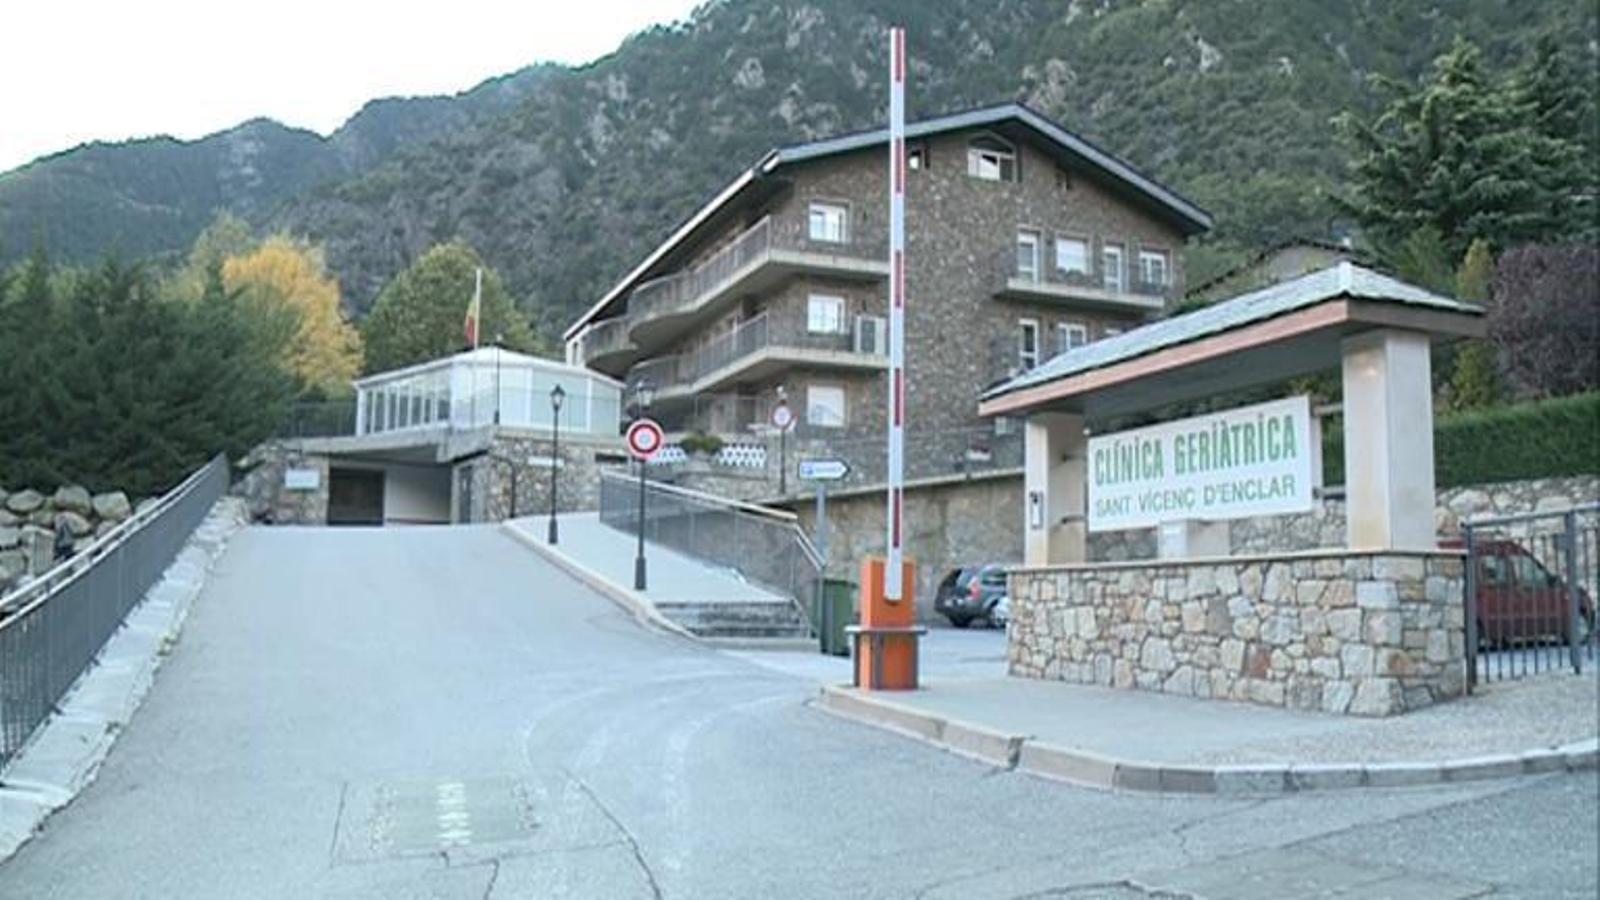 La clínica geriàtrica Sant Vicenç d'Enclar.